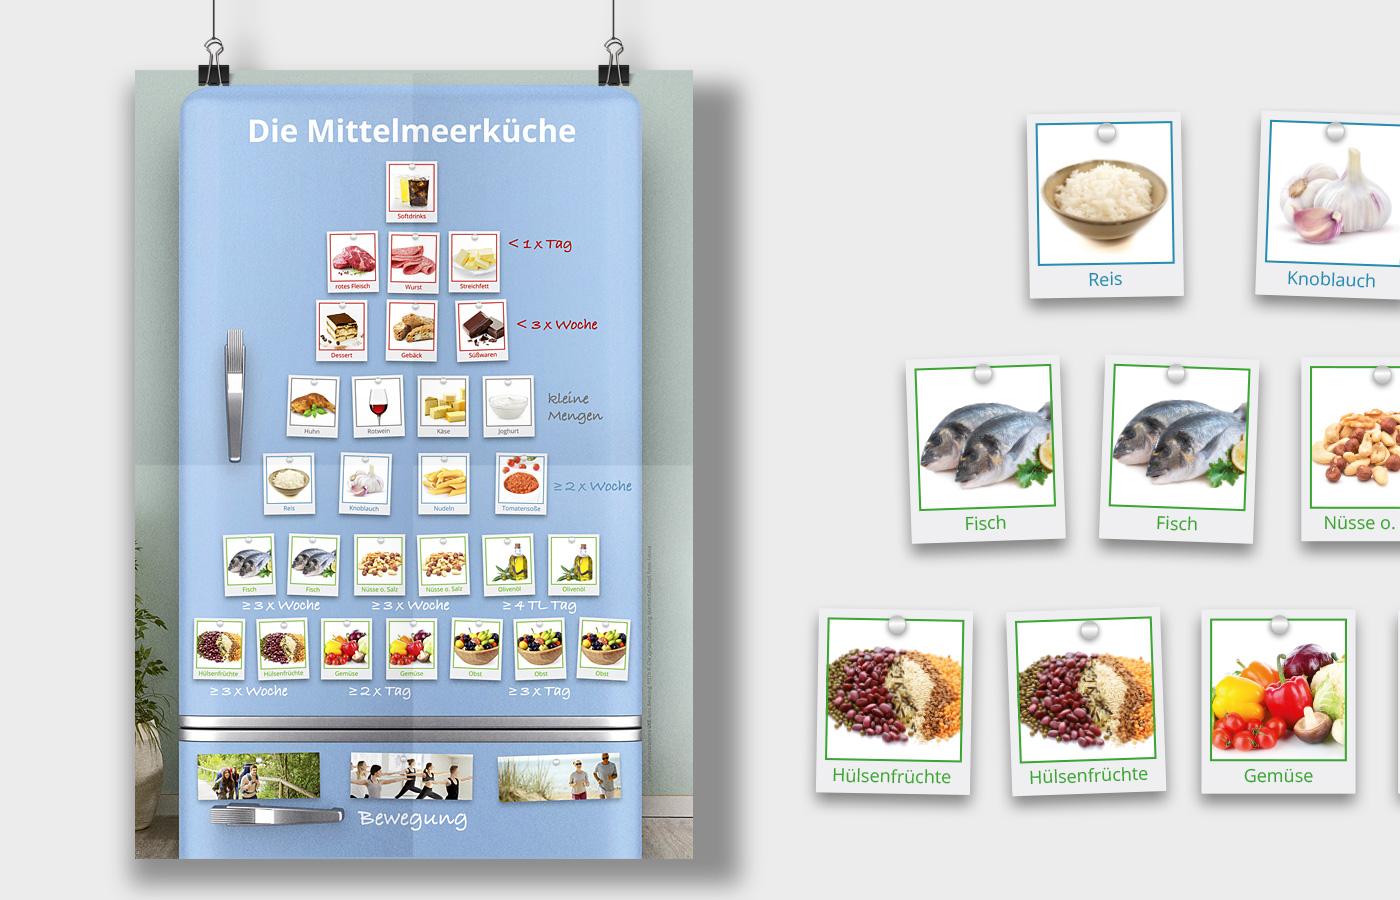 Poster zu mediteraner Ernährung, Gesundheitsakadamie UKE